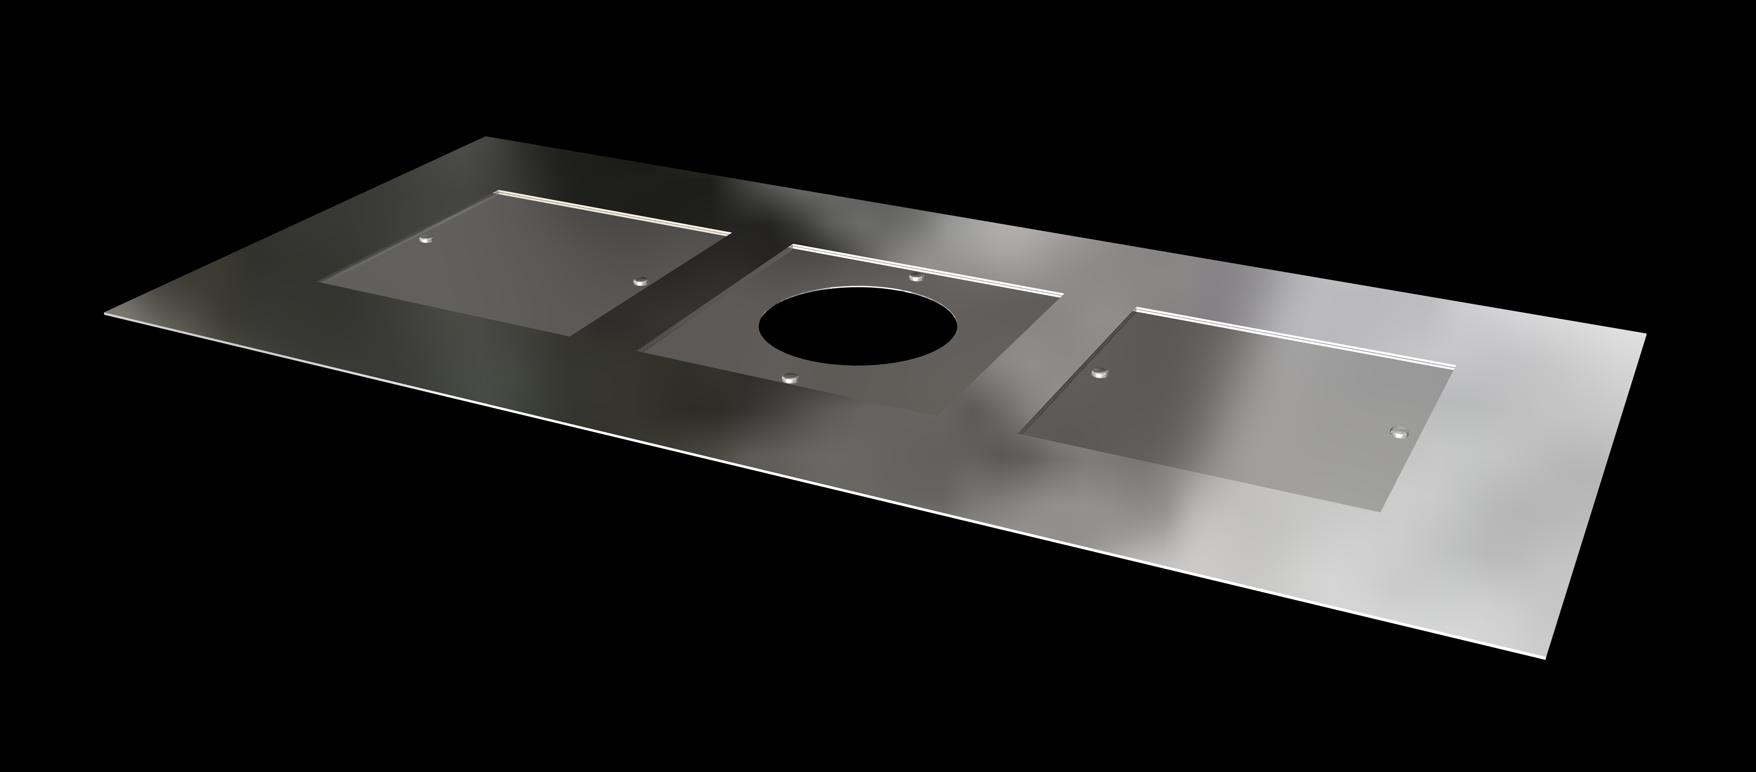 Metal closure plate